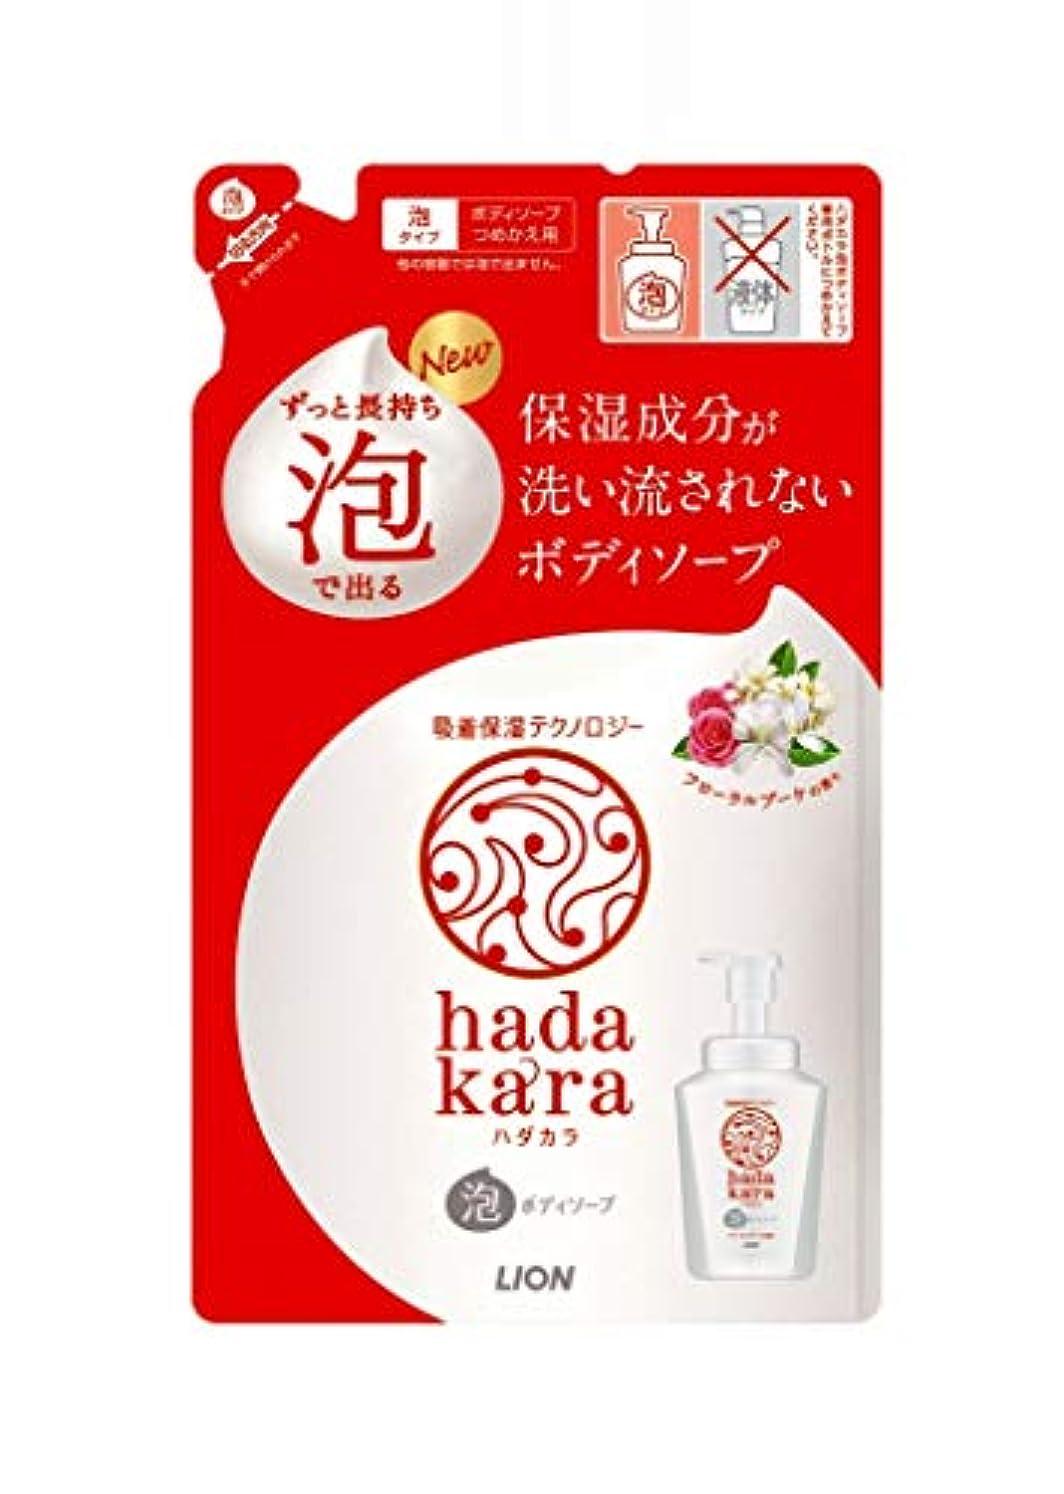 ベアリングゼロクライアントhadakara(ハダカラ) ボディソープ 泡で出てくるタイプ フローラルブーケの香り つめかえ用 440mL